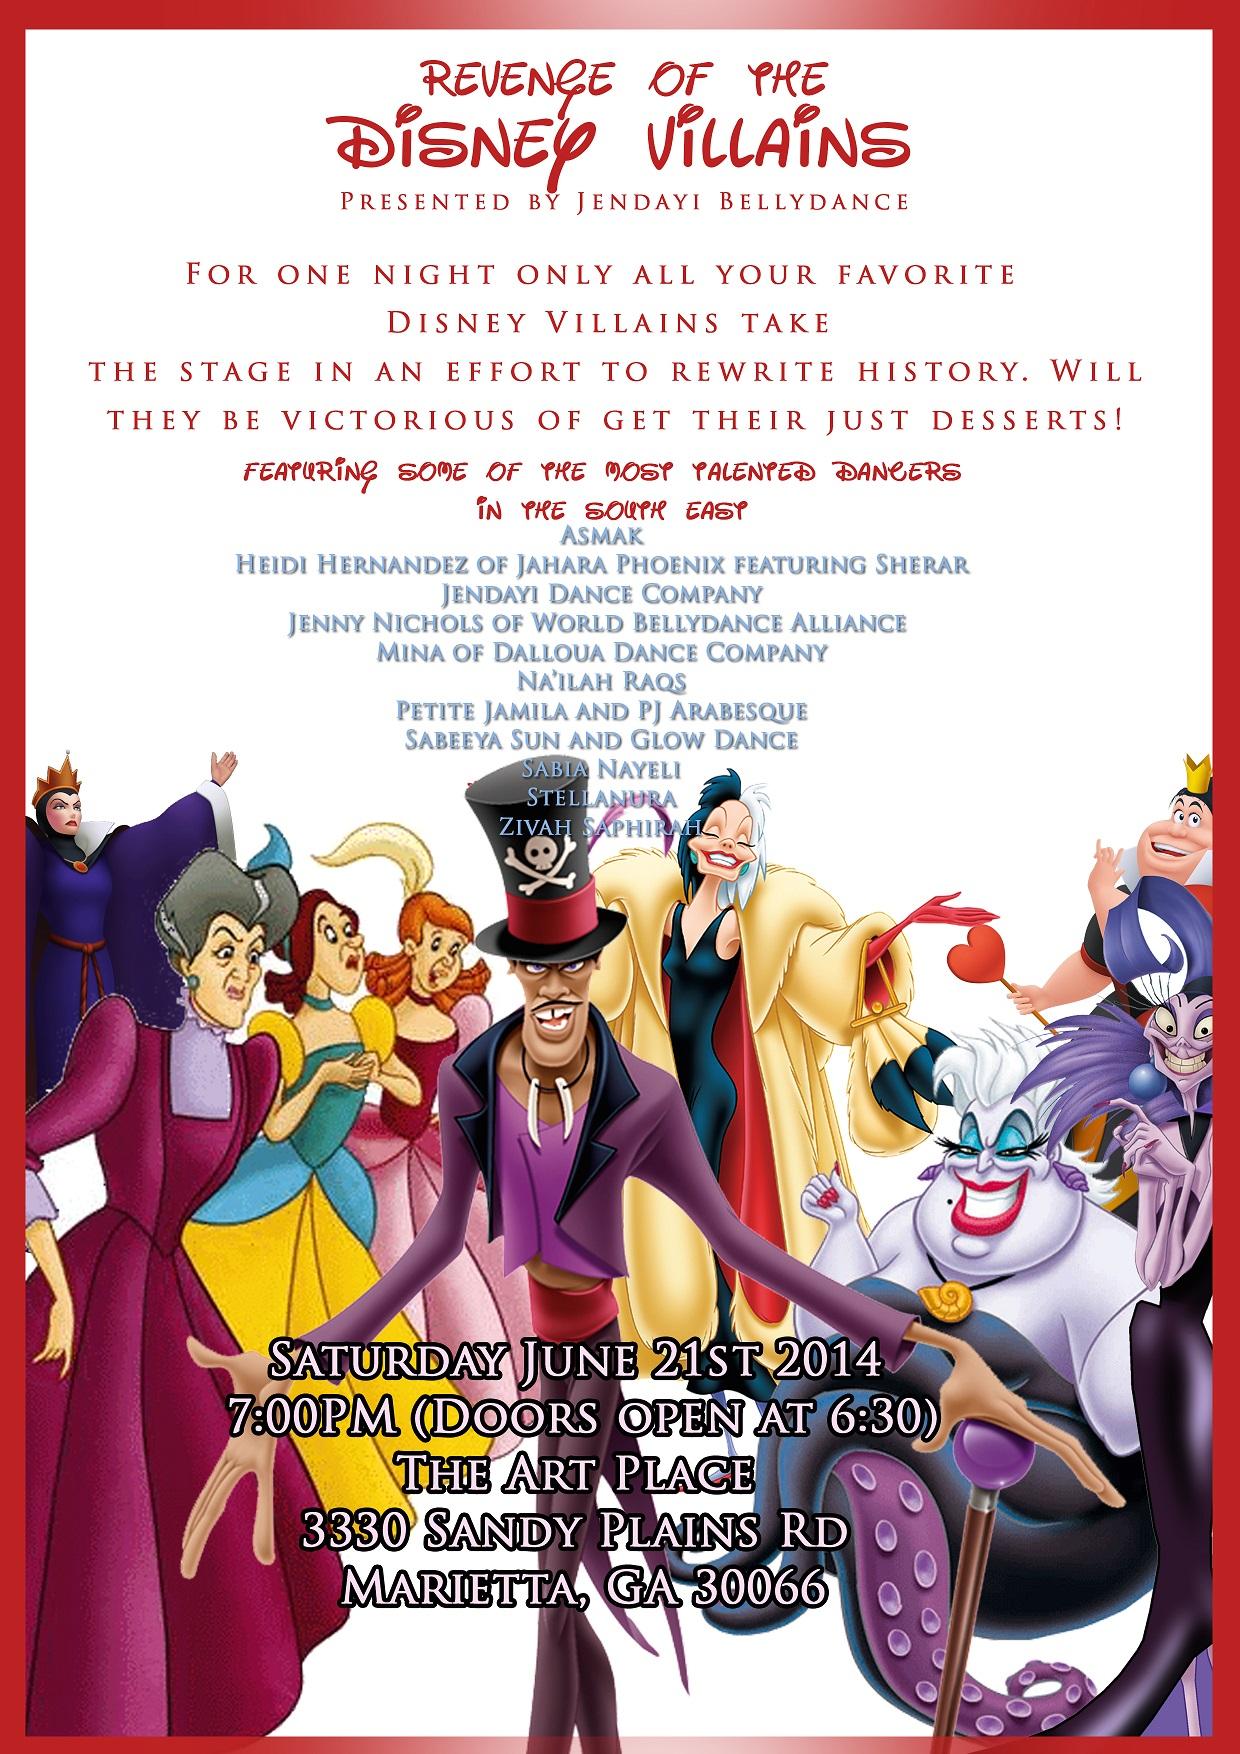 Revenge of Disney Villains